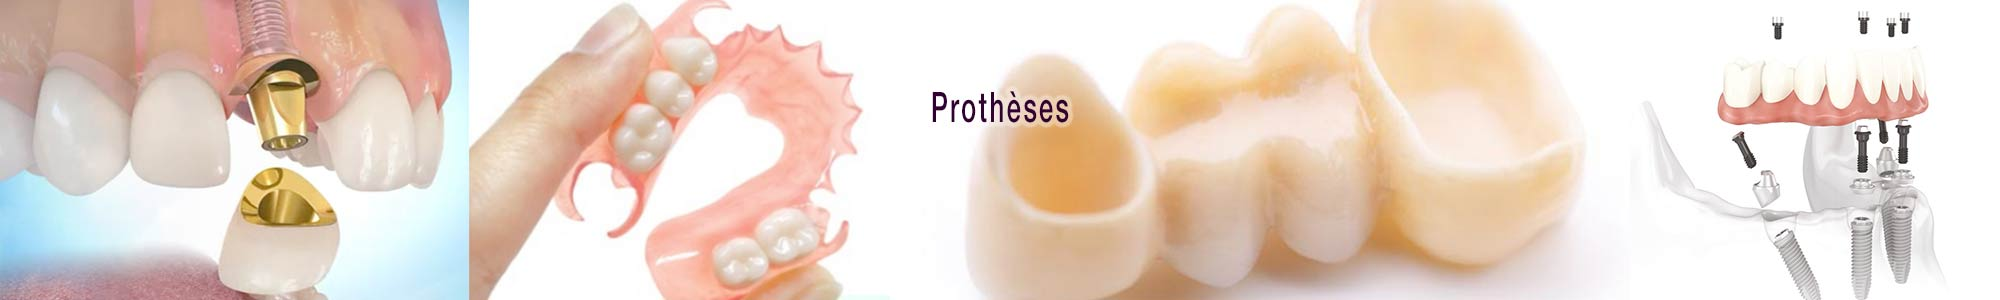 slide-prothese